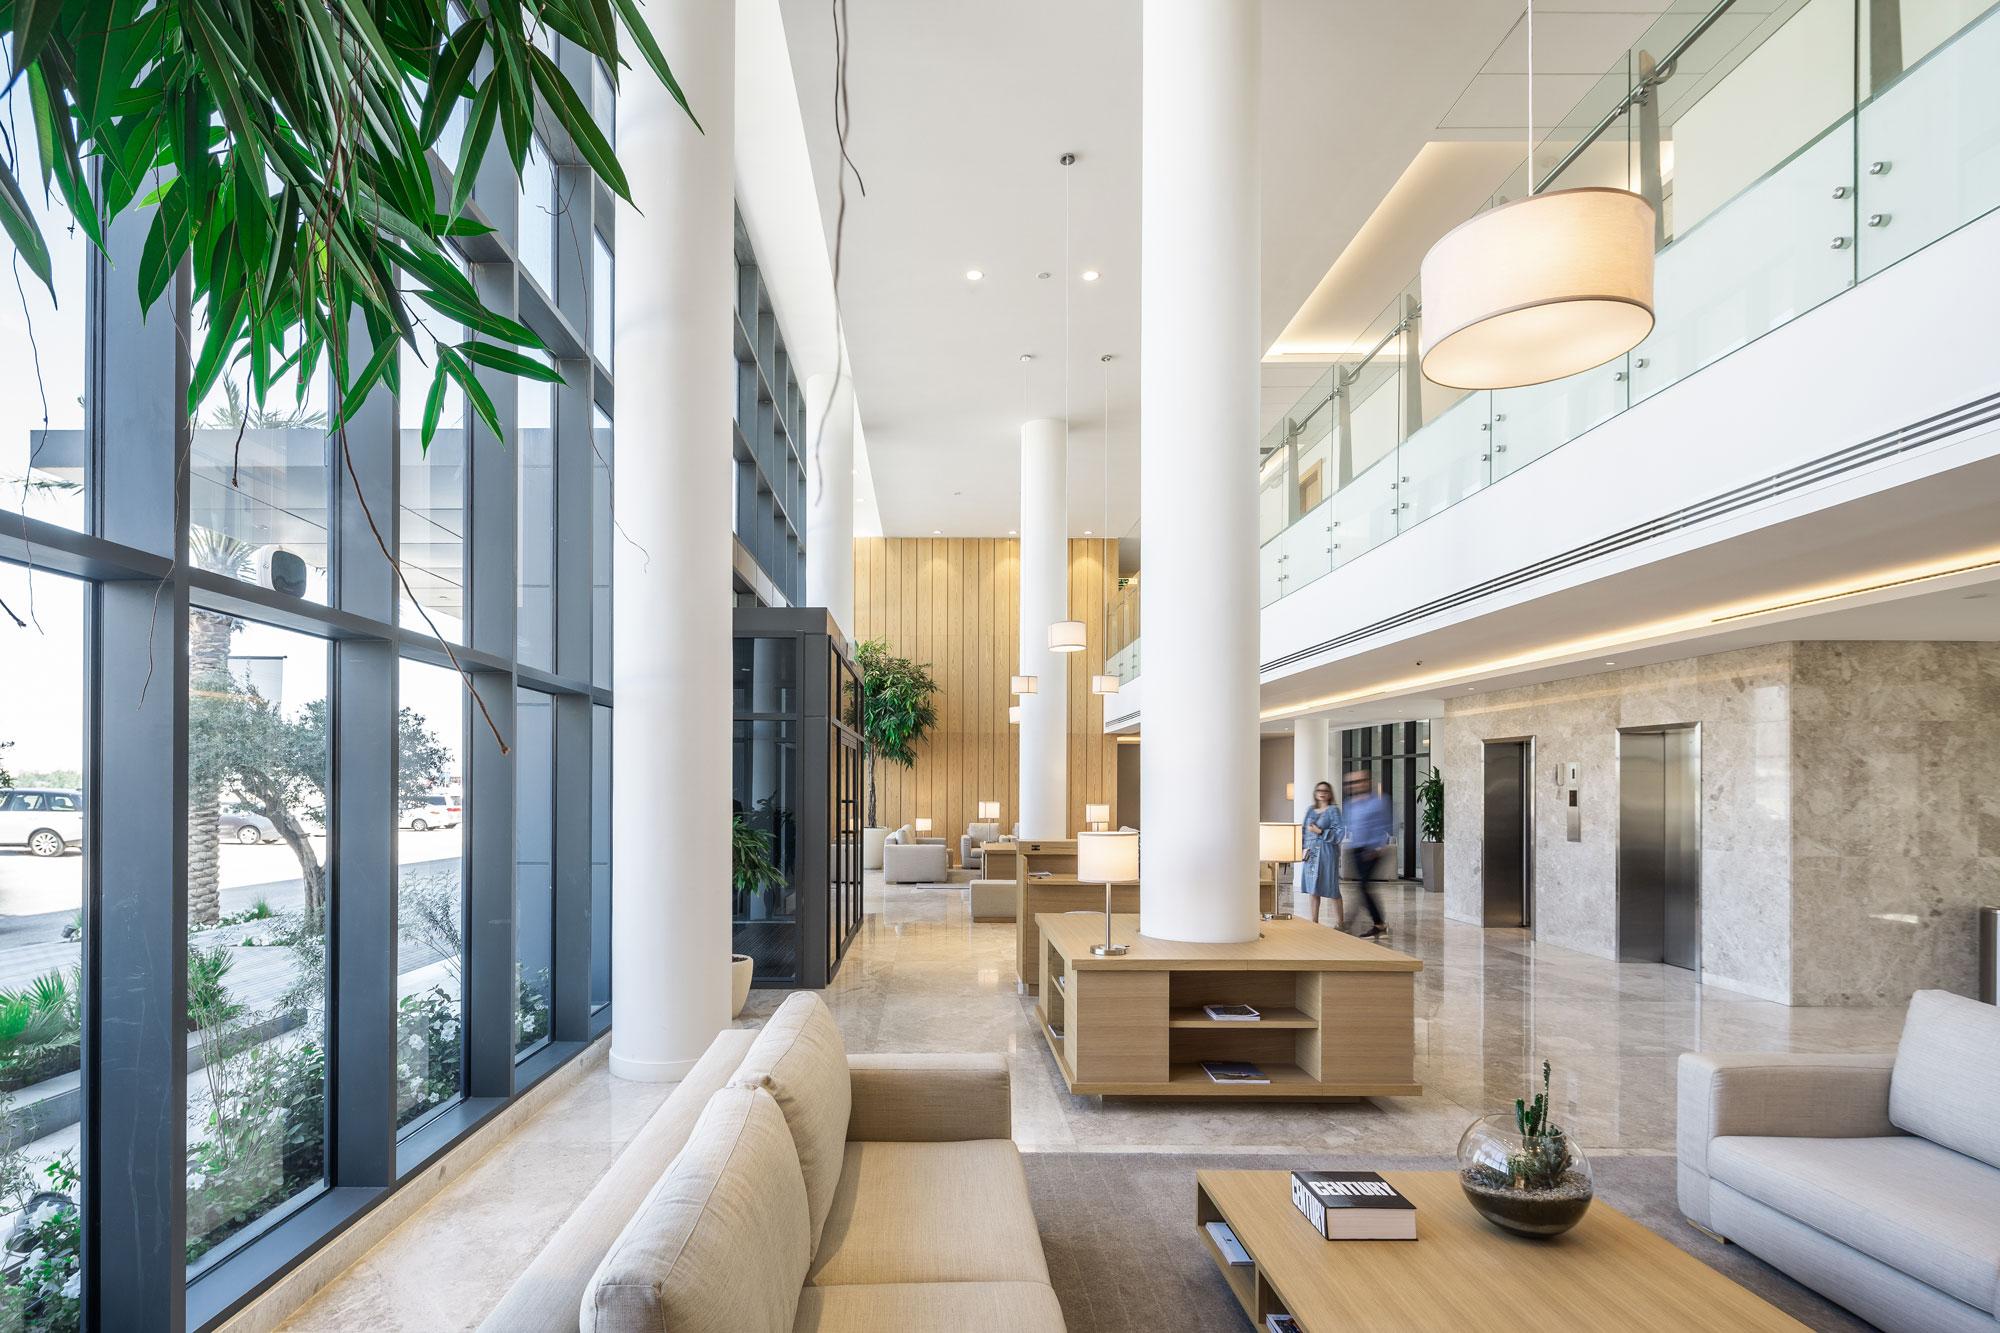 Delta Hotel apartments lobby image